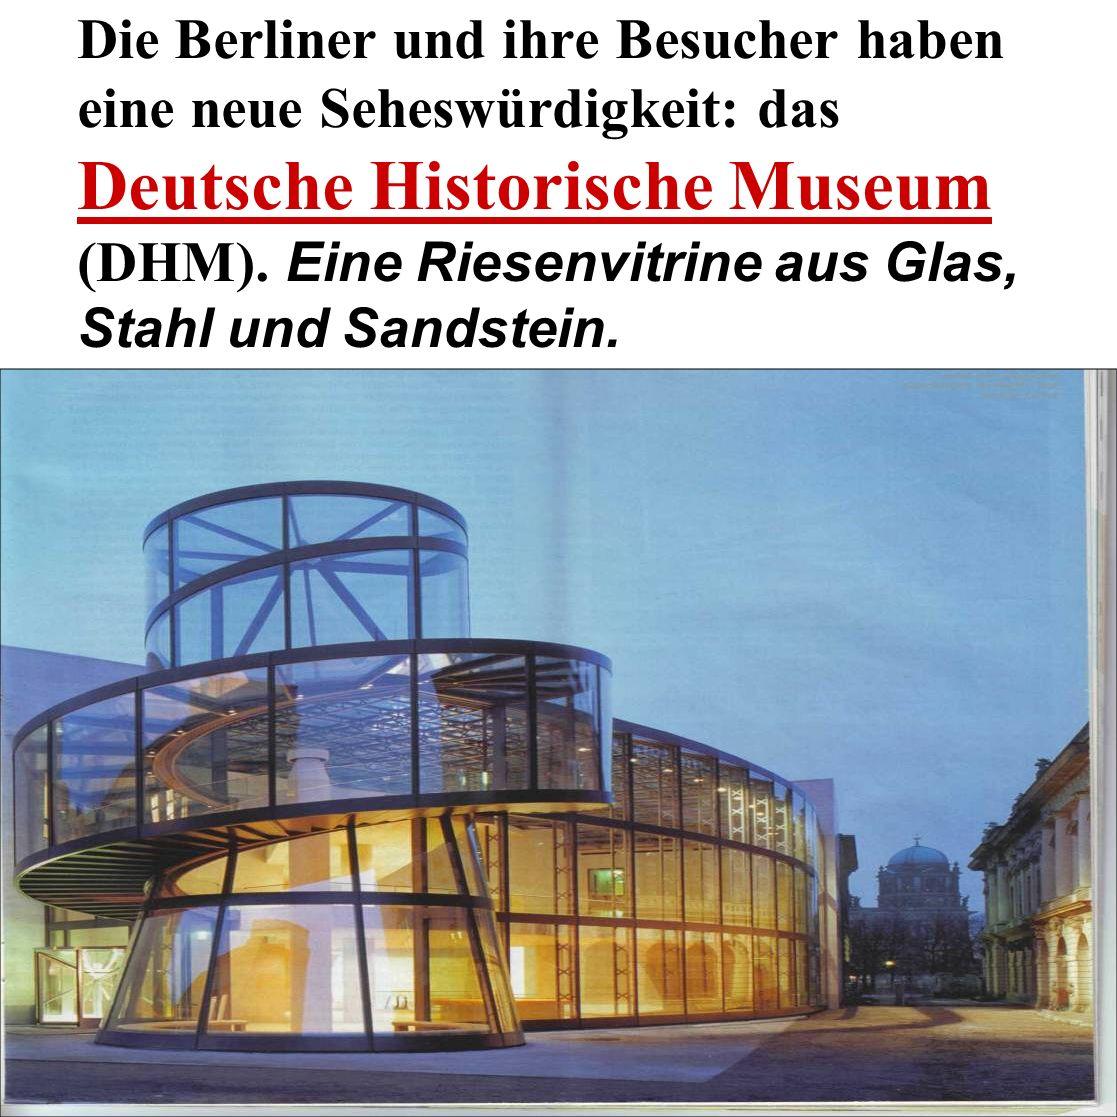 Die Berliner und ihre Besucher haben eine neue Seheswürdigkeit: das Deutsche Historische Museum (DHM). Eine Riesenvitrine aus Glas, Stahl und Sandstei